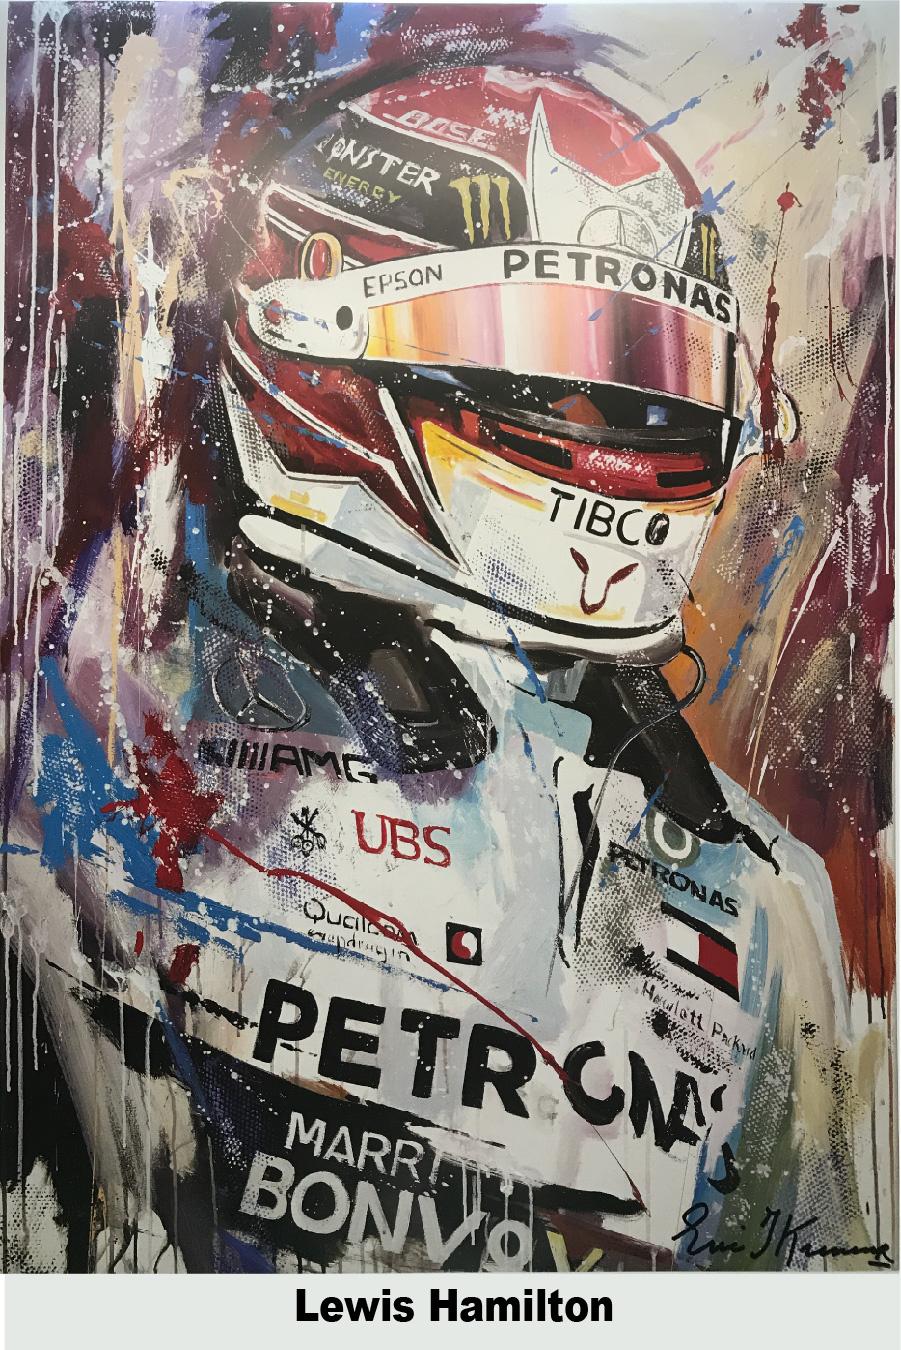 Lewis Hamilton 2019 Litho print